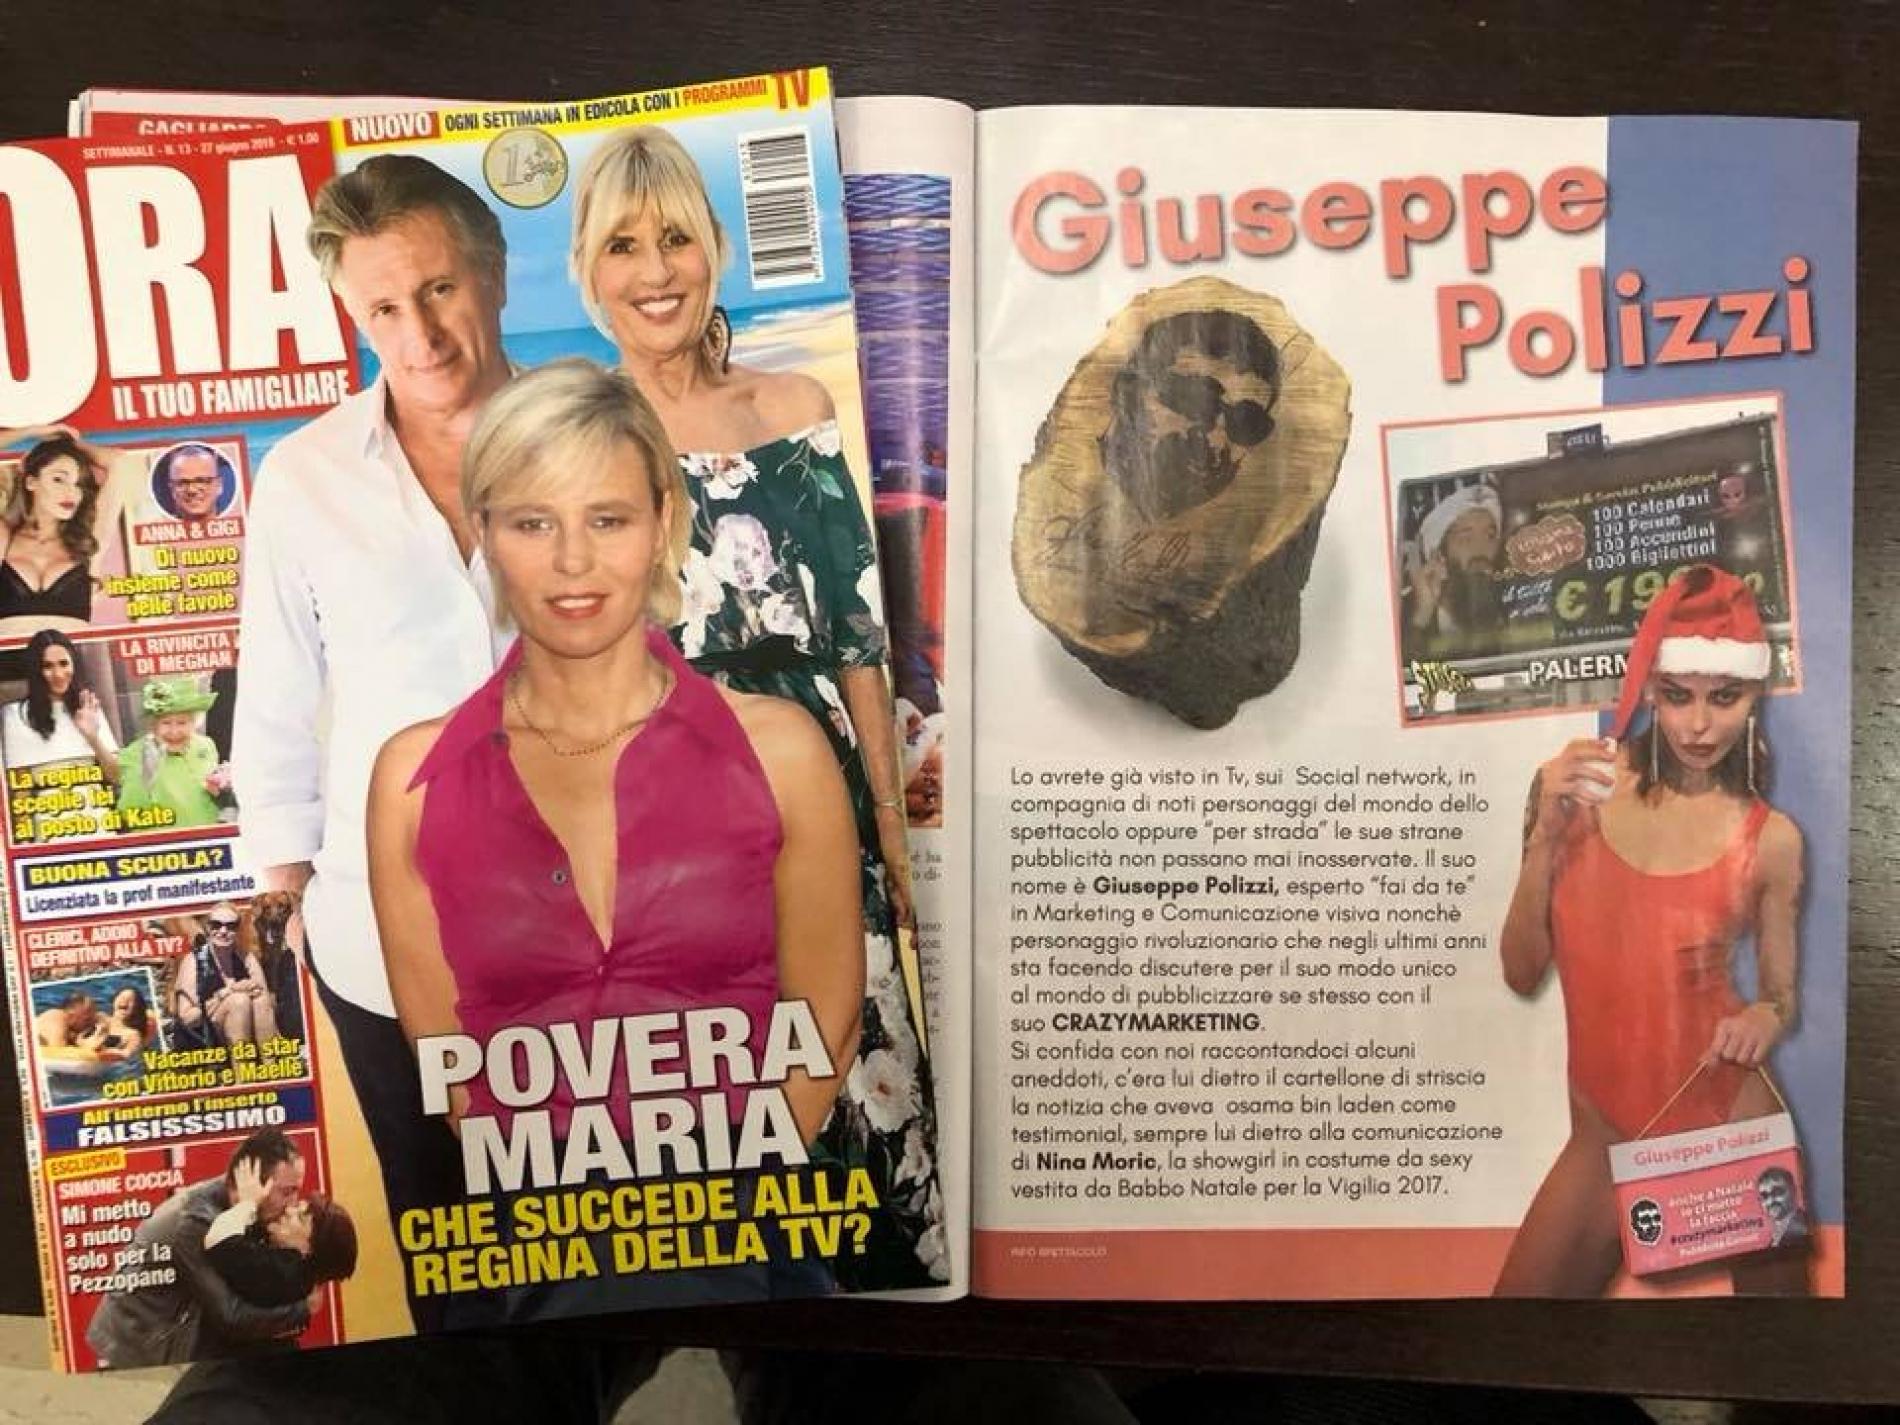 striscia la notizia Nina Moric e  Giuseppe Polizzi Crazymarketing pubblicita geniali